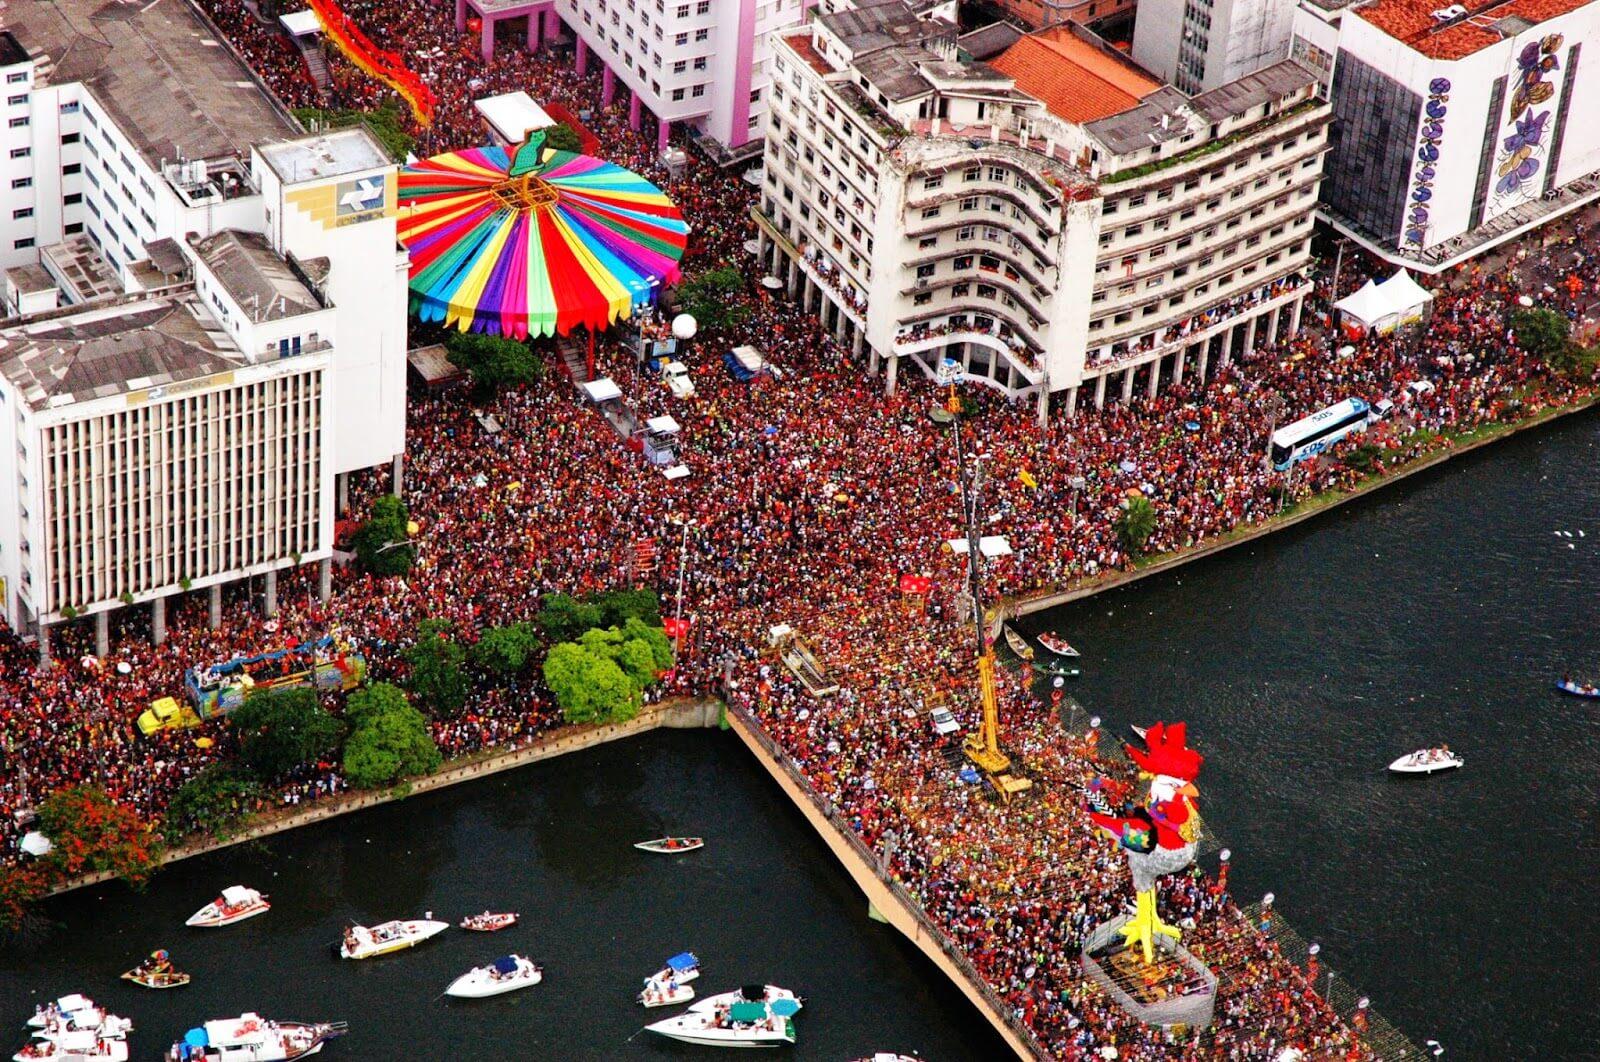 Dados contribuem para criar campanhas no Carnaval